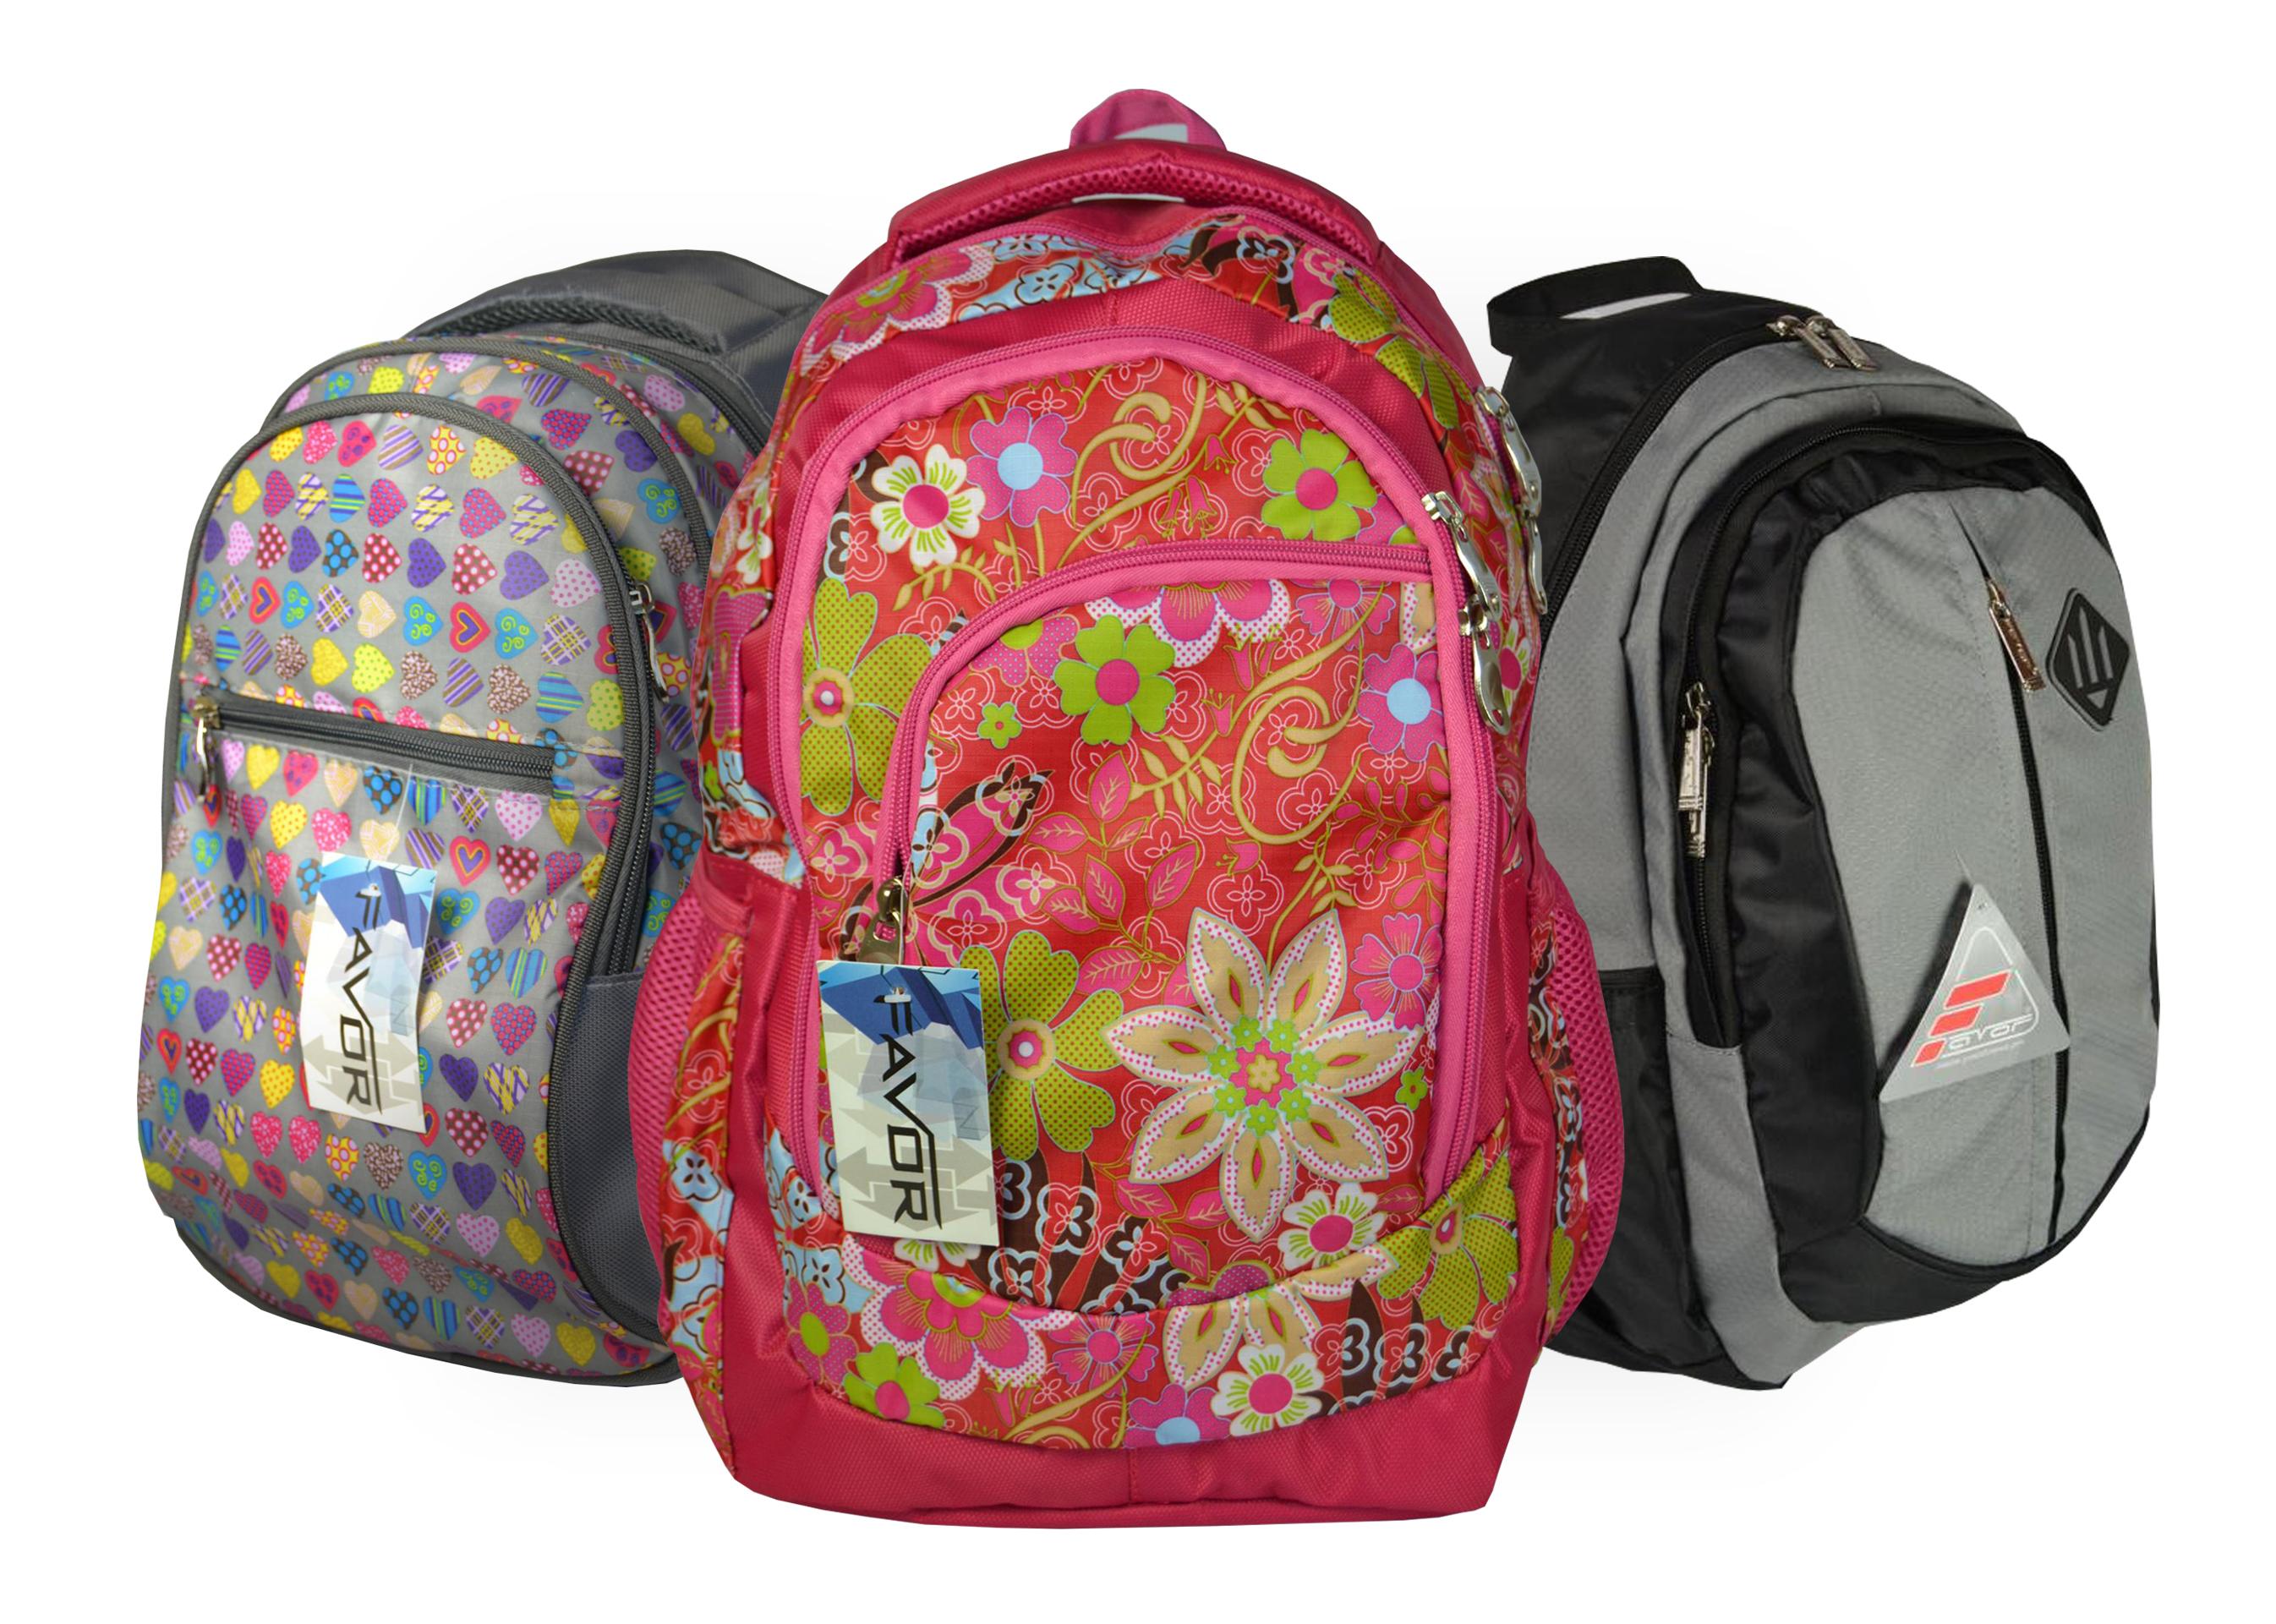 98ab1d808d6b8 Рюкзаки · Спортивные, дорожные сумки